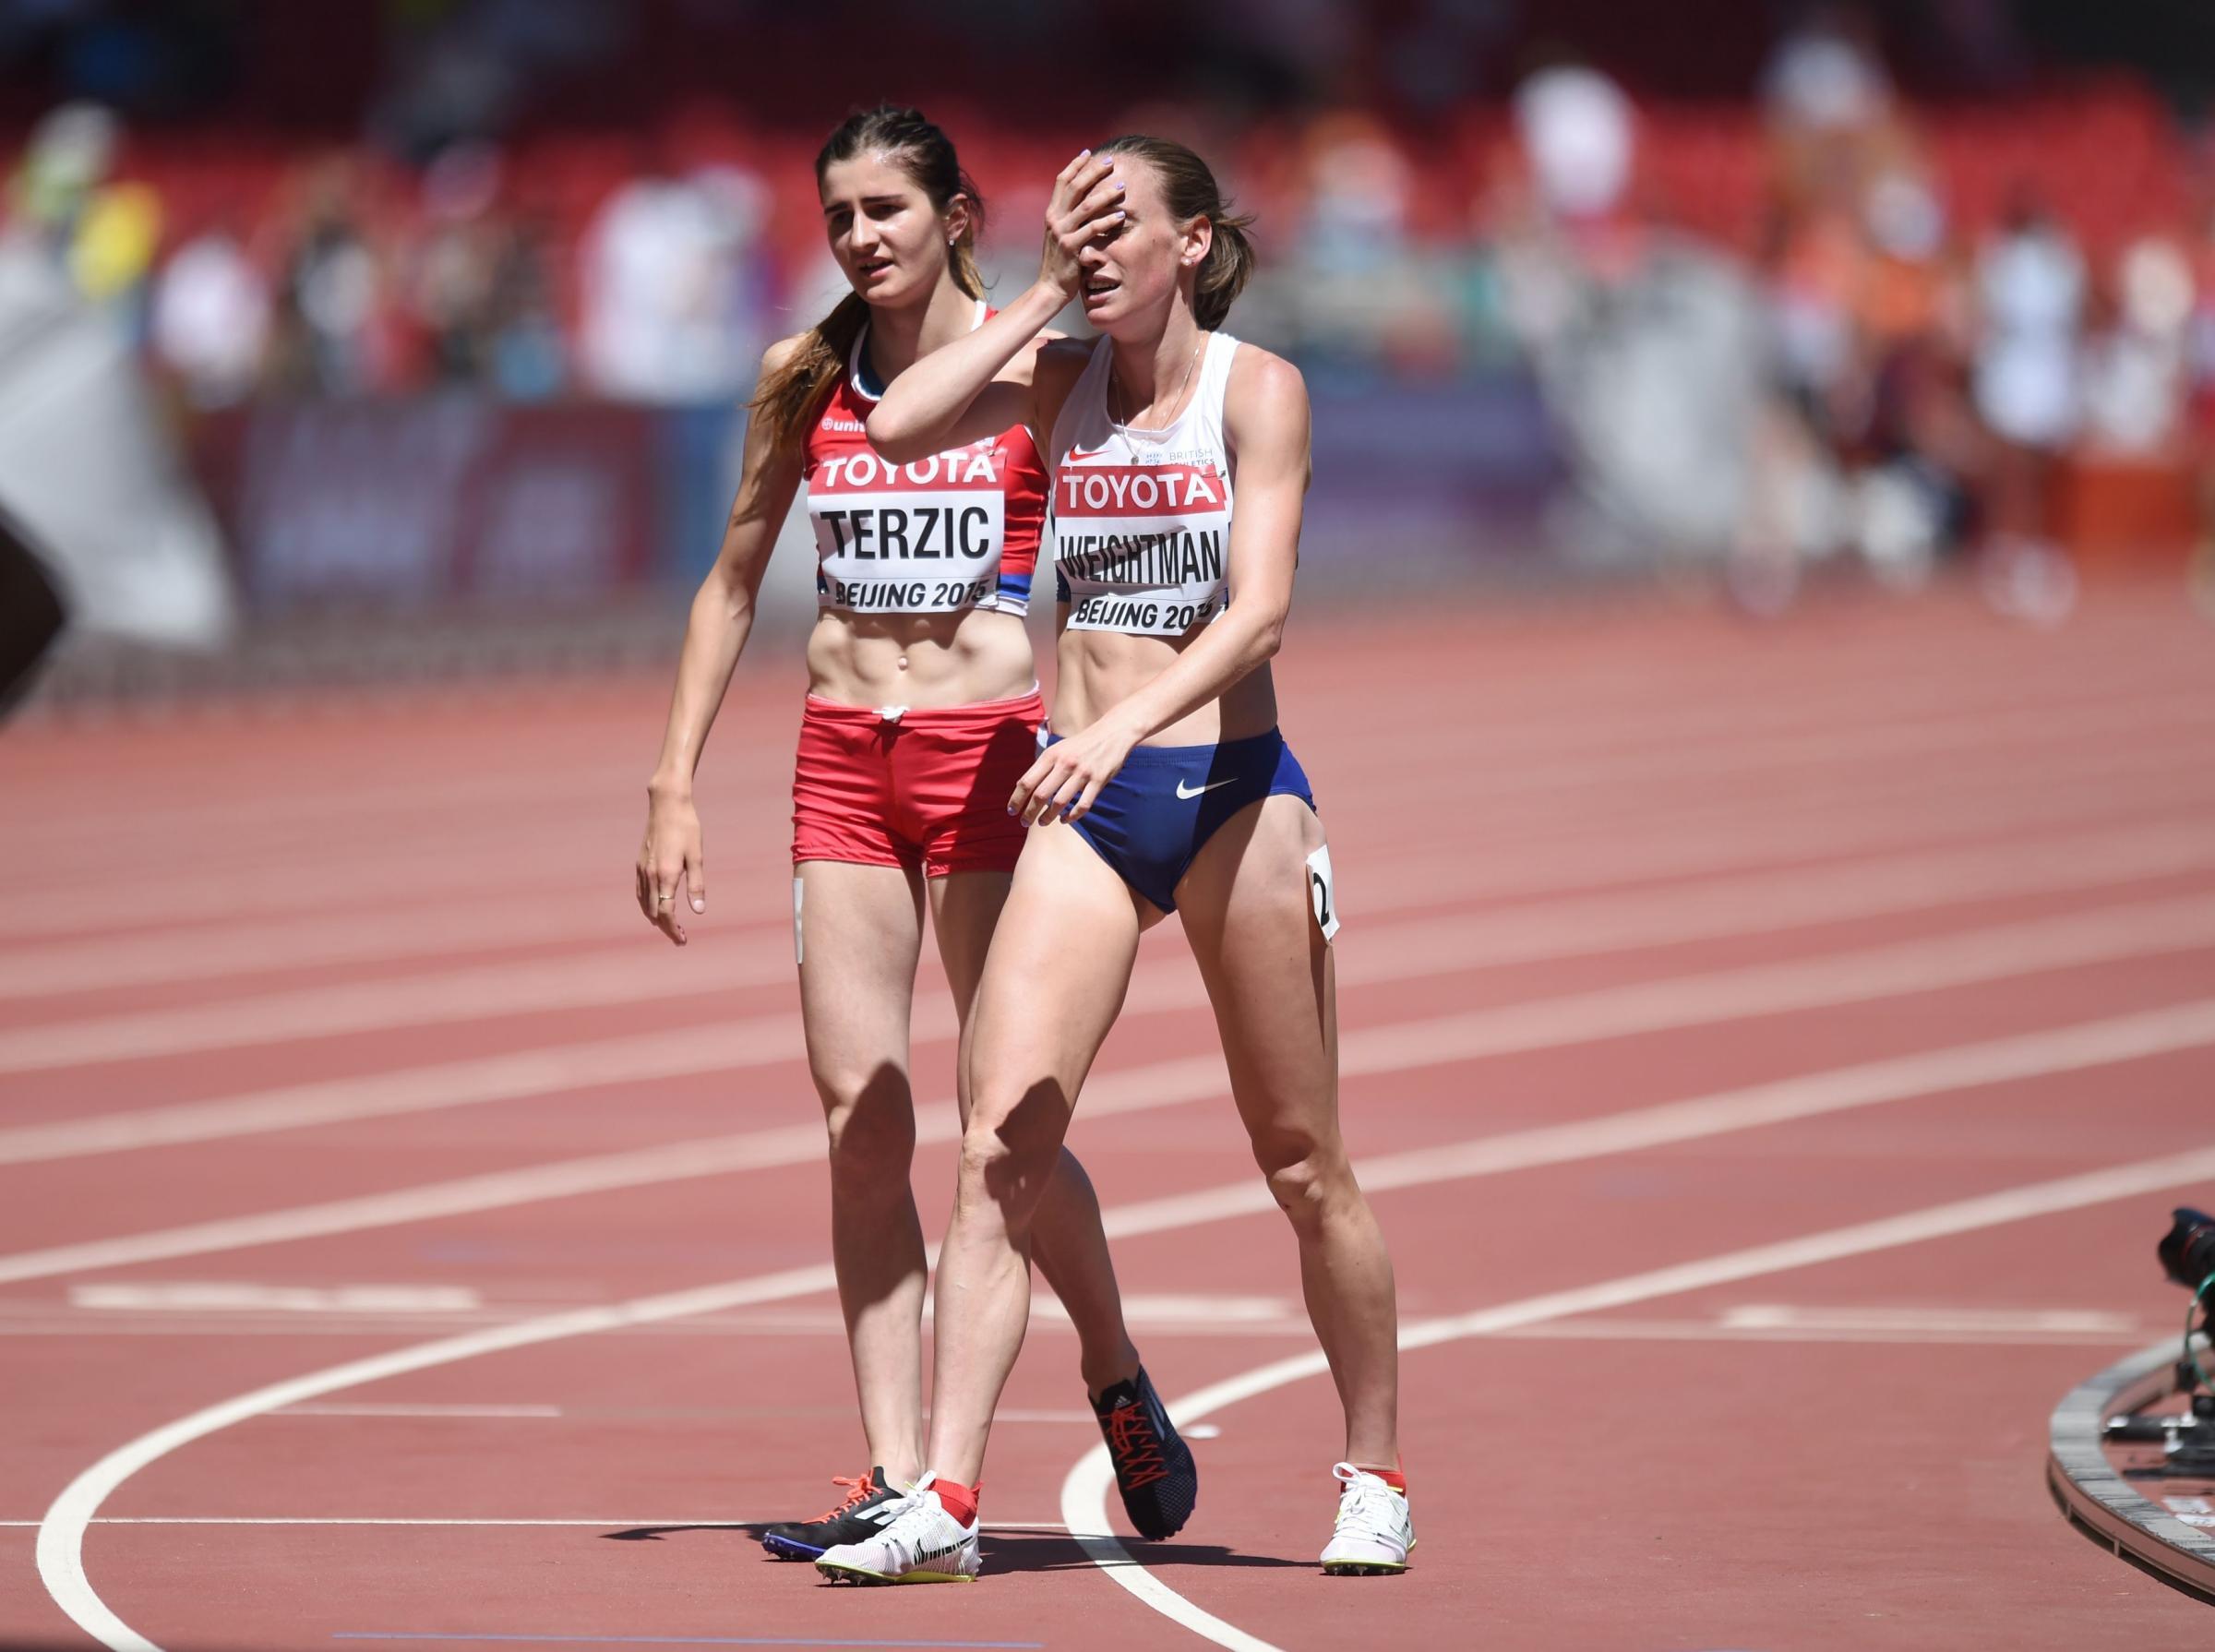 Laura Weightman injury